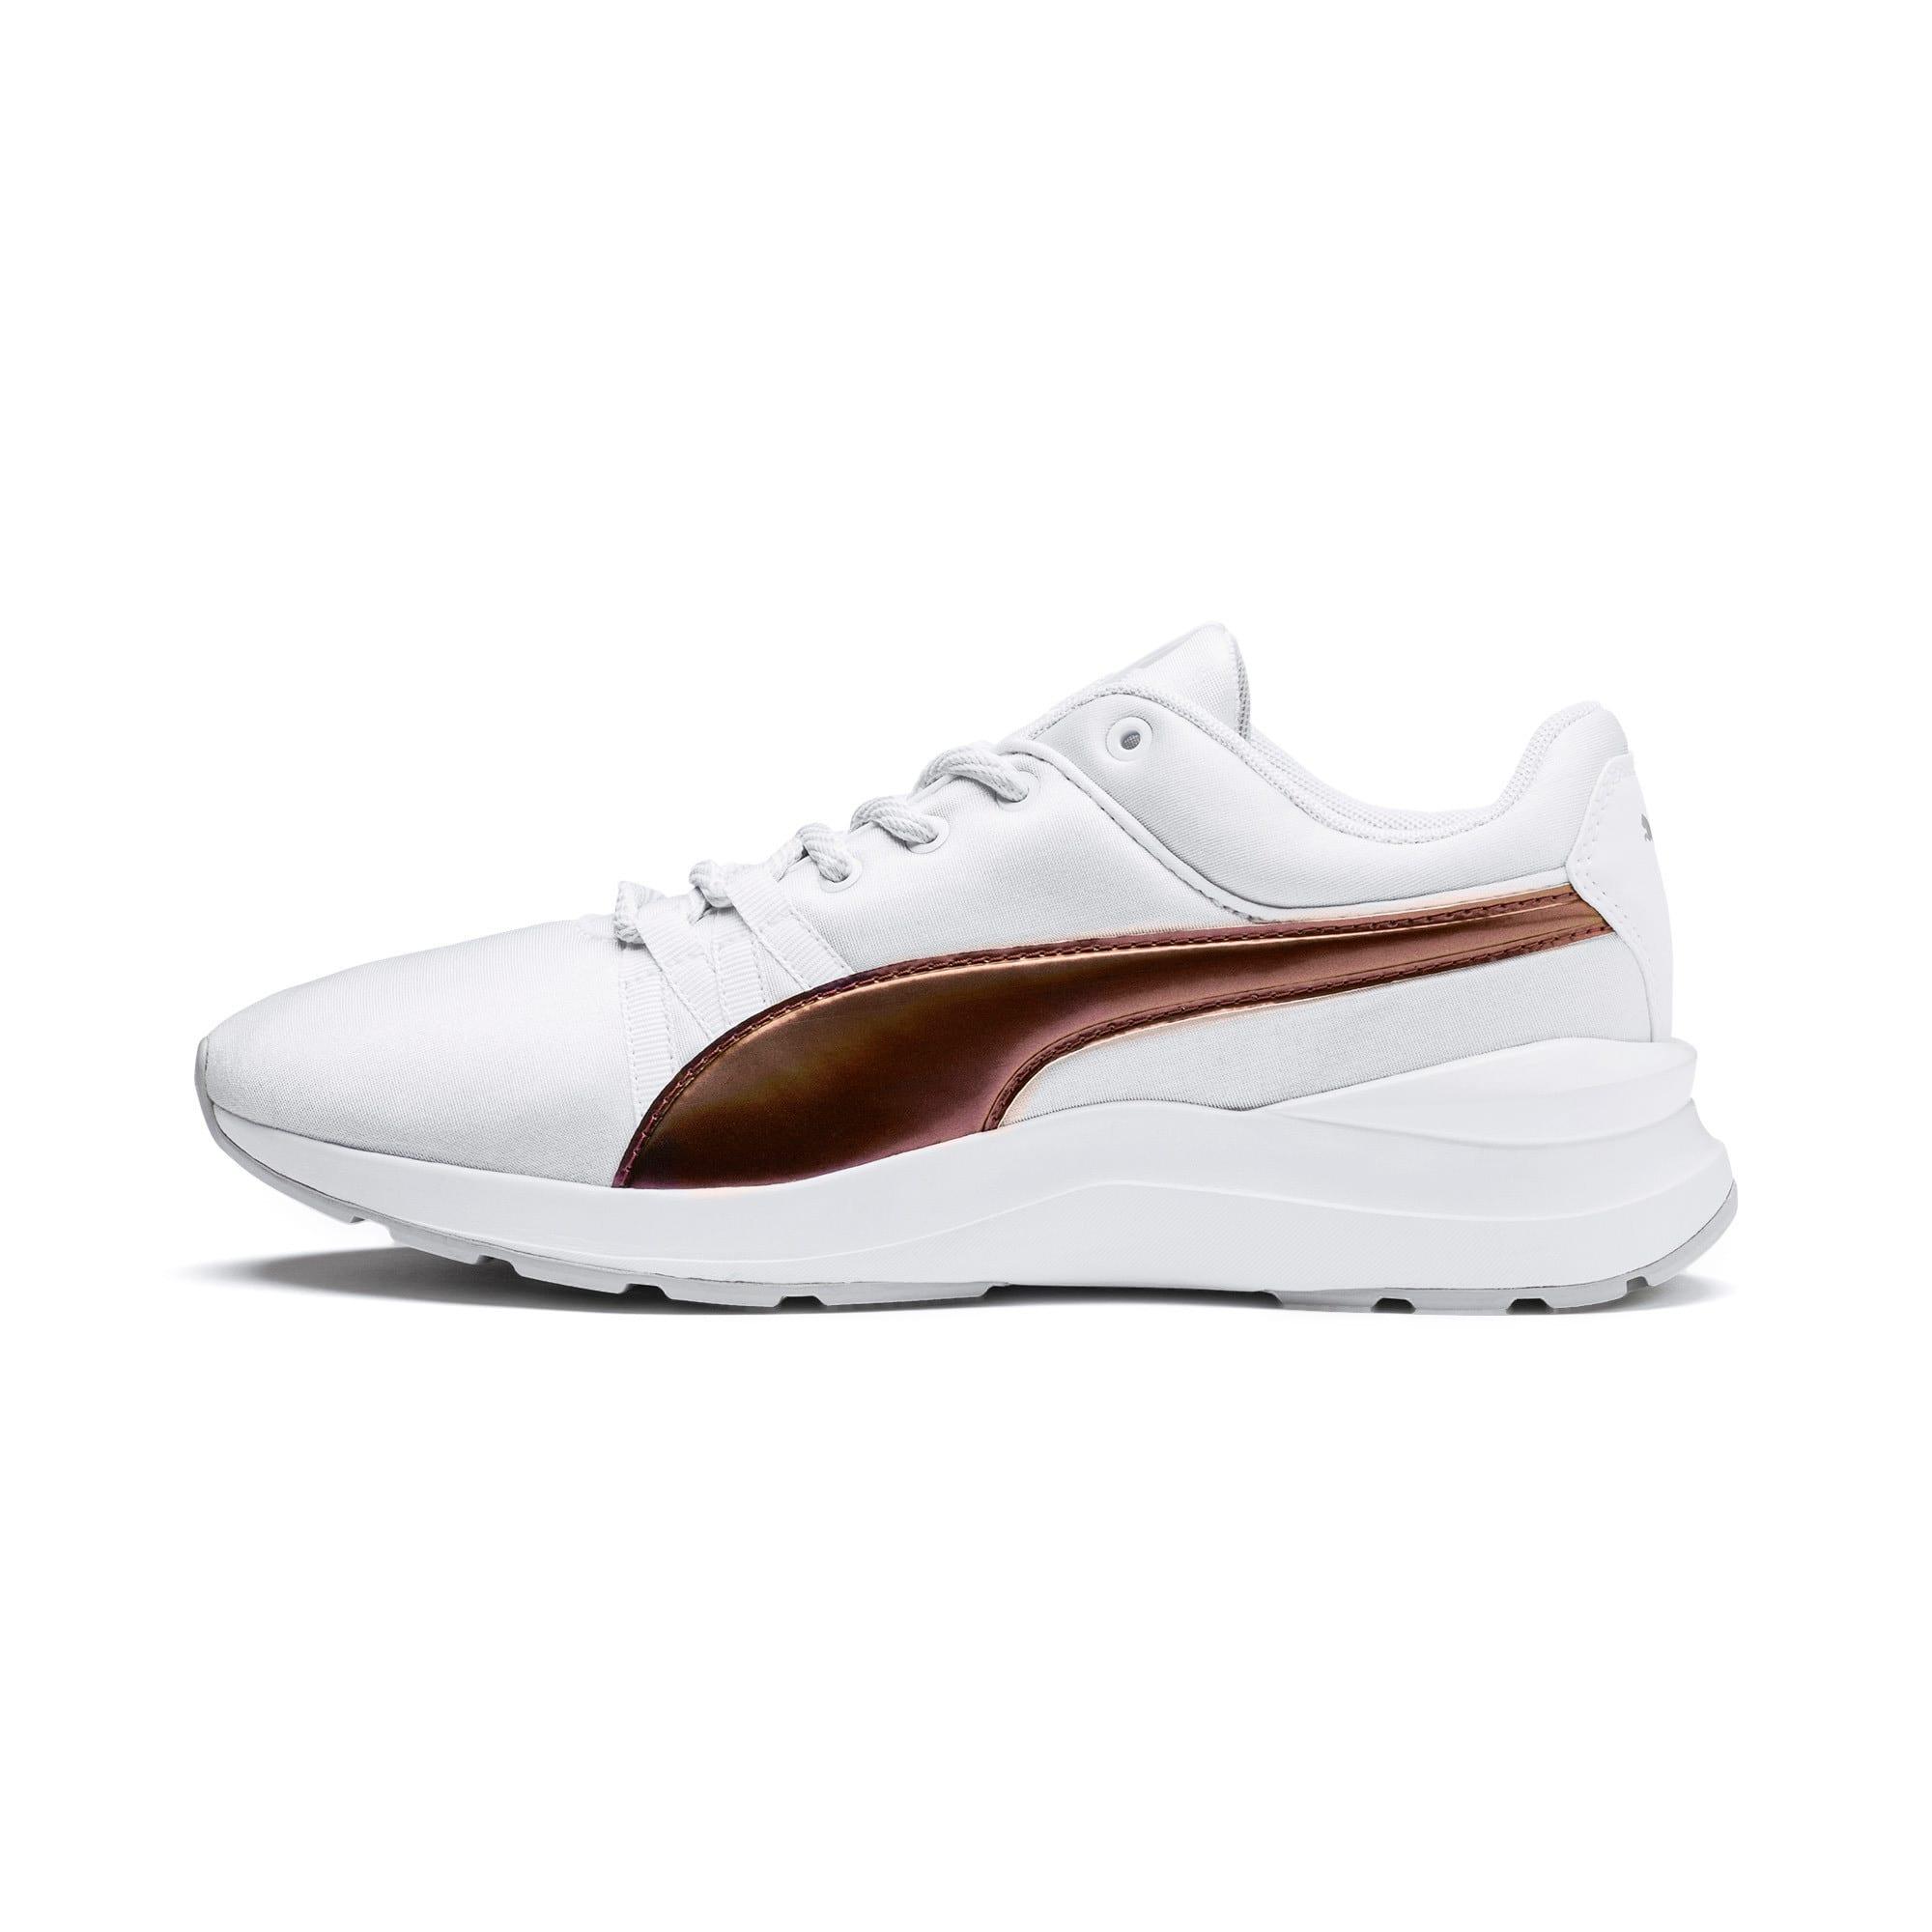 Miniatura 1 de Zapatos deportivos AdelaTrailblazer para mujer, Puma White-Puma White, mediano